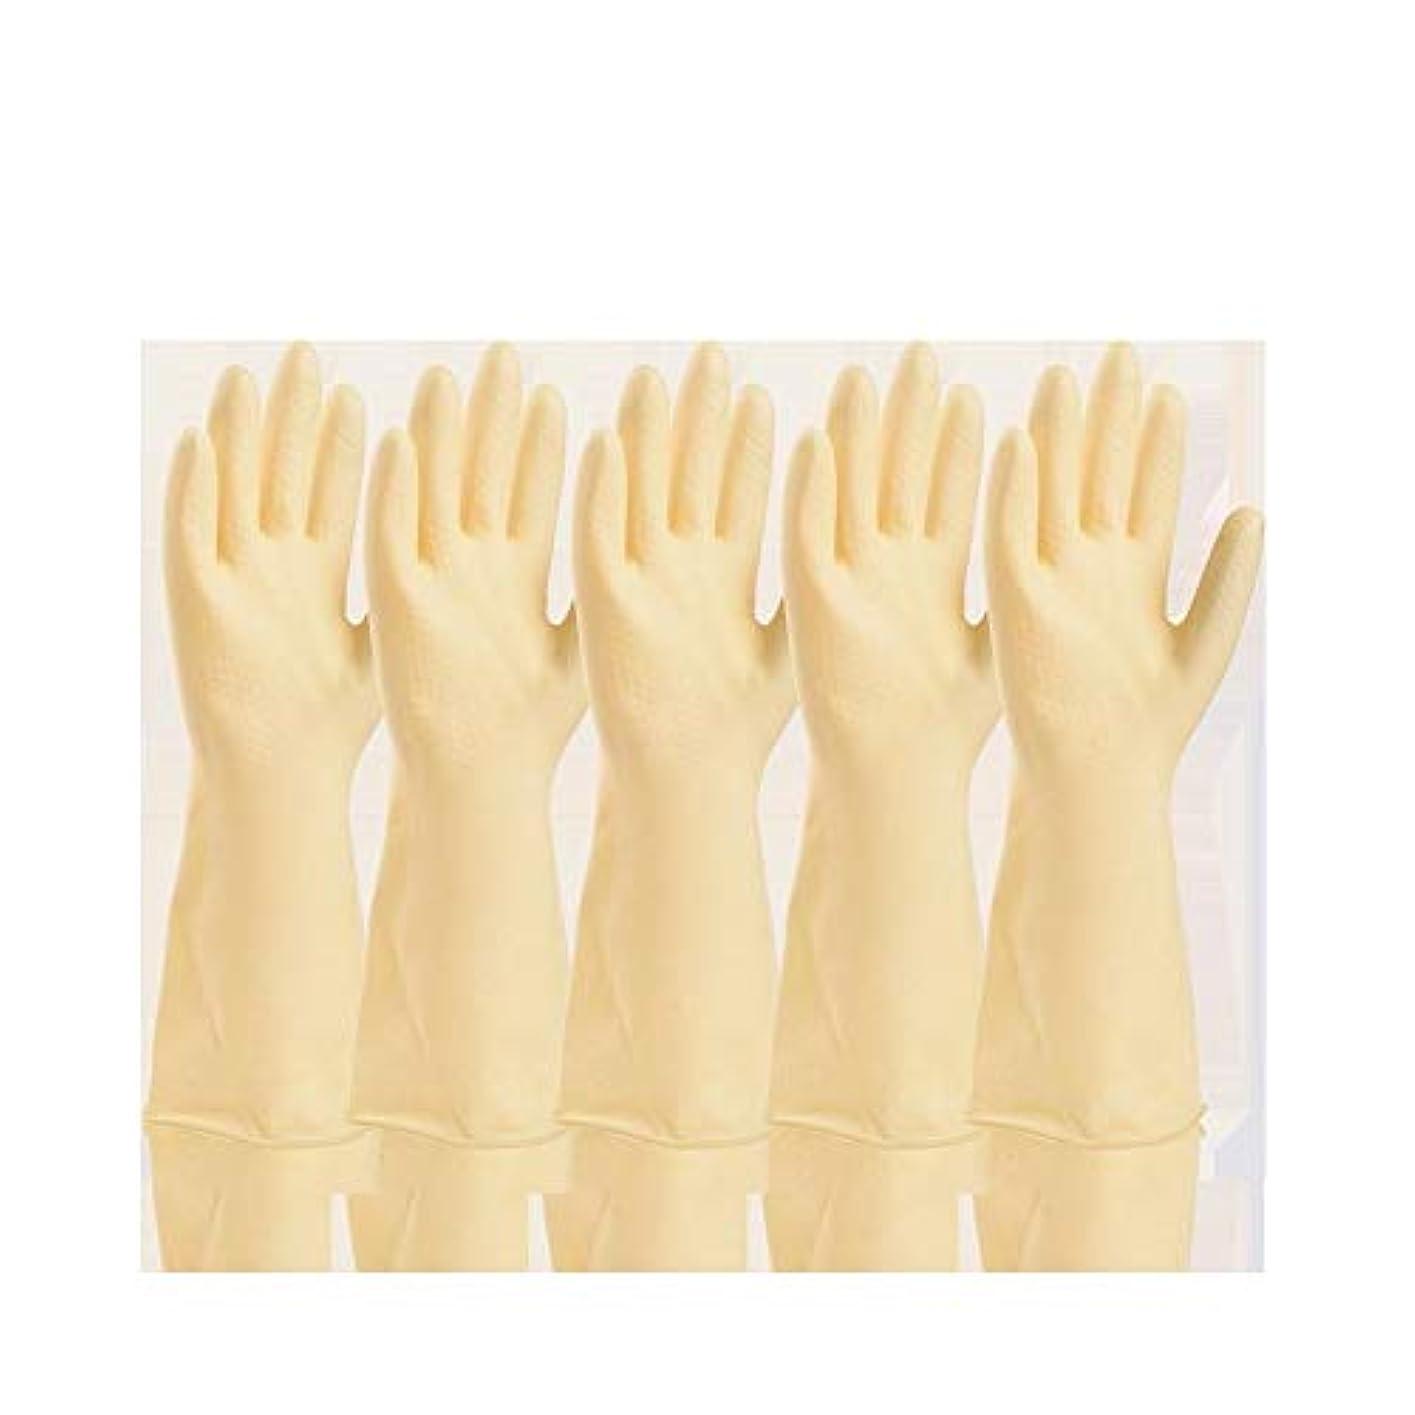 秀でる治安判事嫉妬ニトリルゴム手袋 工業用手袋厚手のプラスチック製保護用耐水性防水ラテックス手袋、5ペア 使い捨て手袋 (Color : White, Size : L)